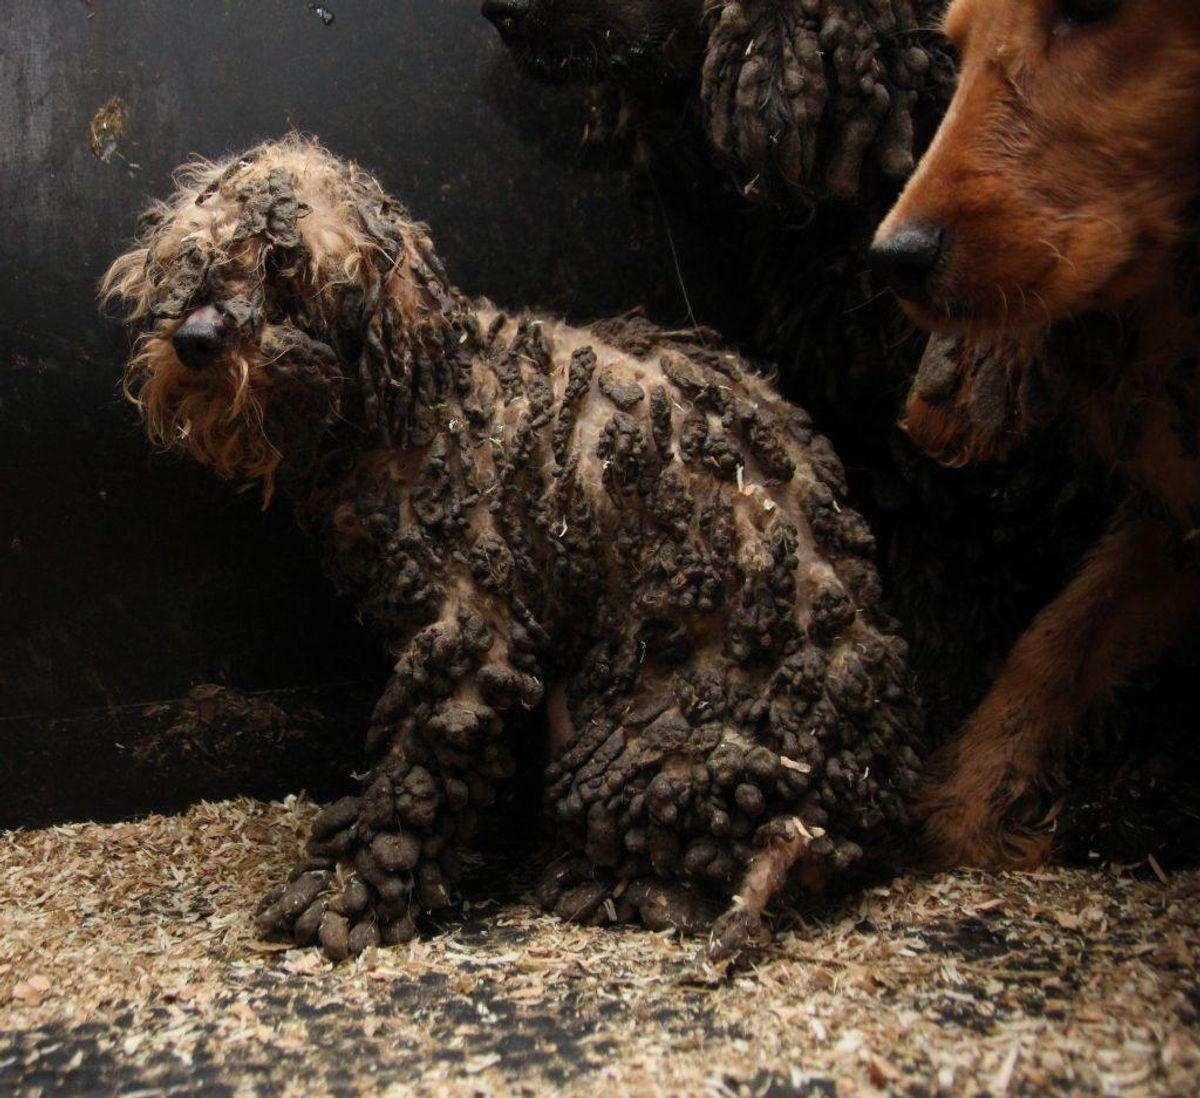 Sådan så en af de mange vanrøgtede hunde ud. Klik videre i galleriet for at se flere grufulde eksempler på det, der blev fundet. Foto: Dyrenes Beskyttelse.